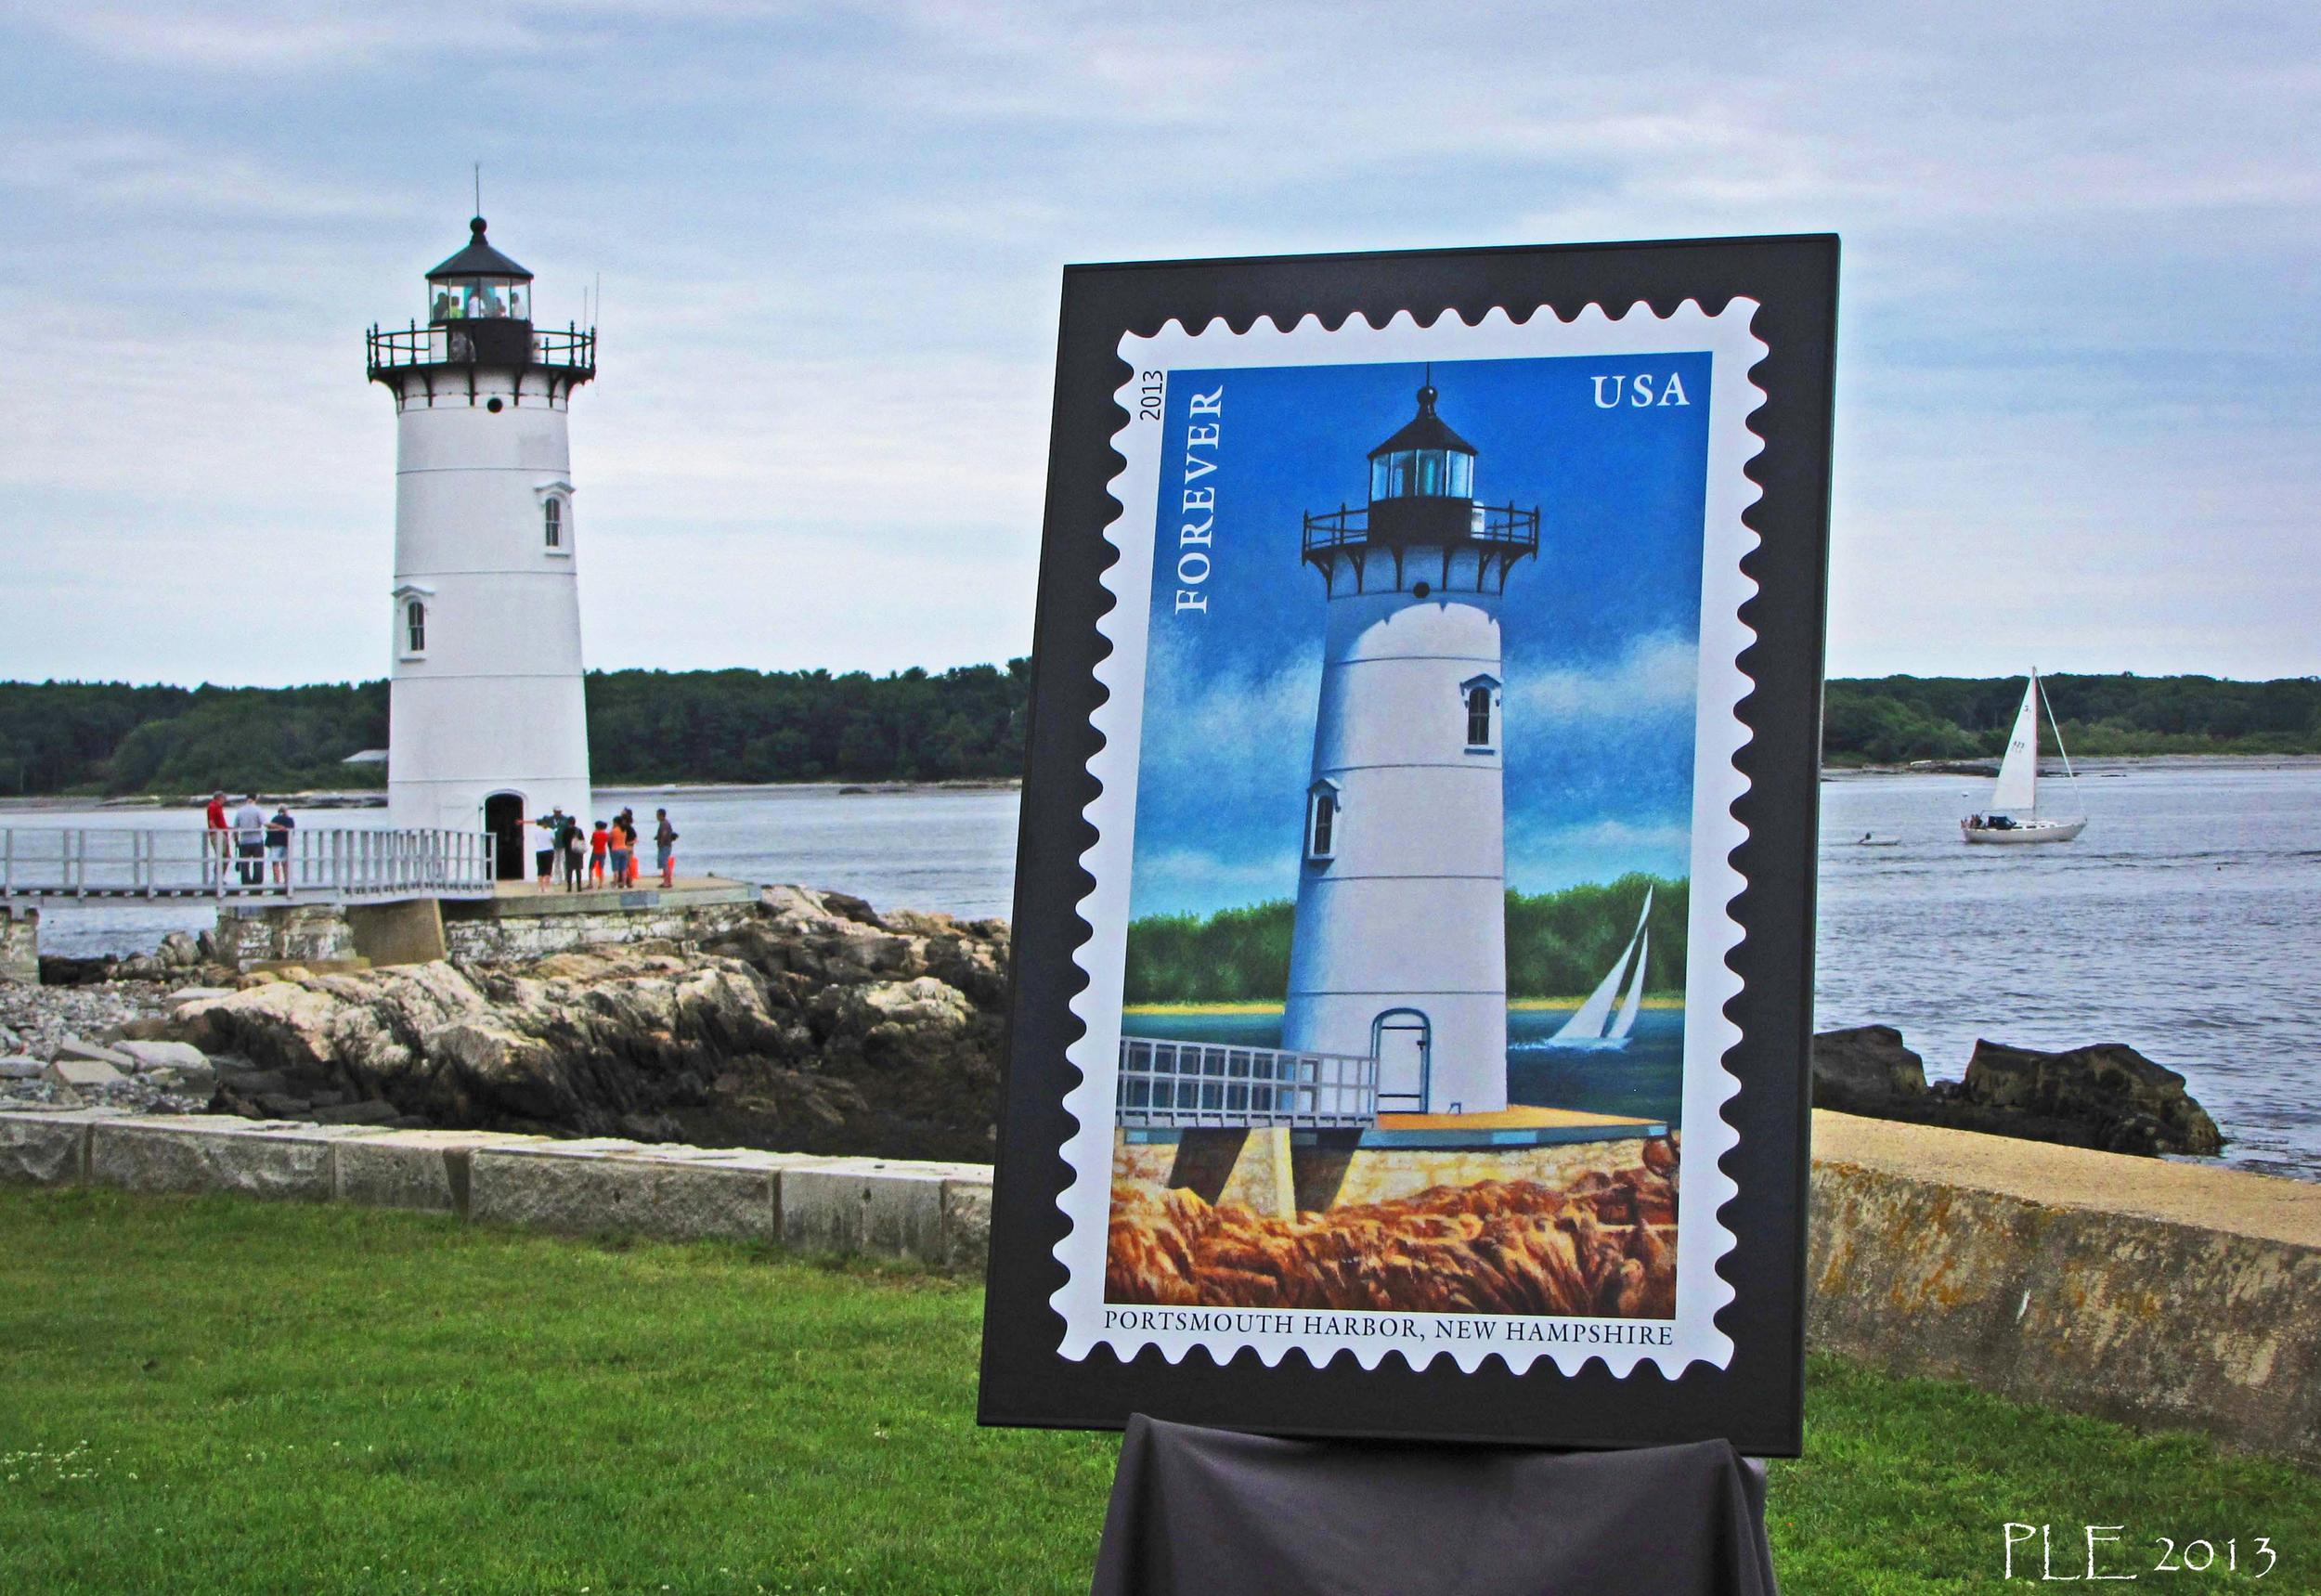 Portsmouth Harbor Lighthouse Stamp - 7-13-13.jpg